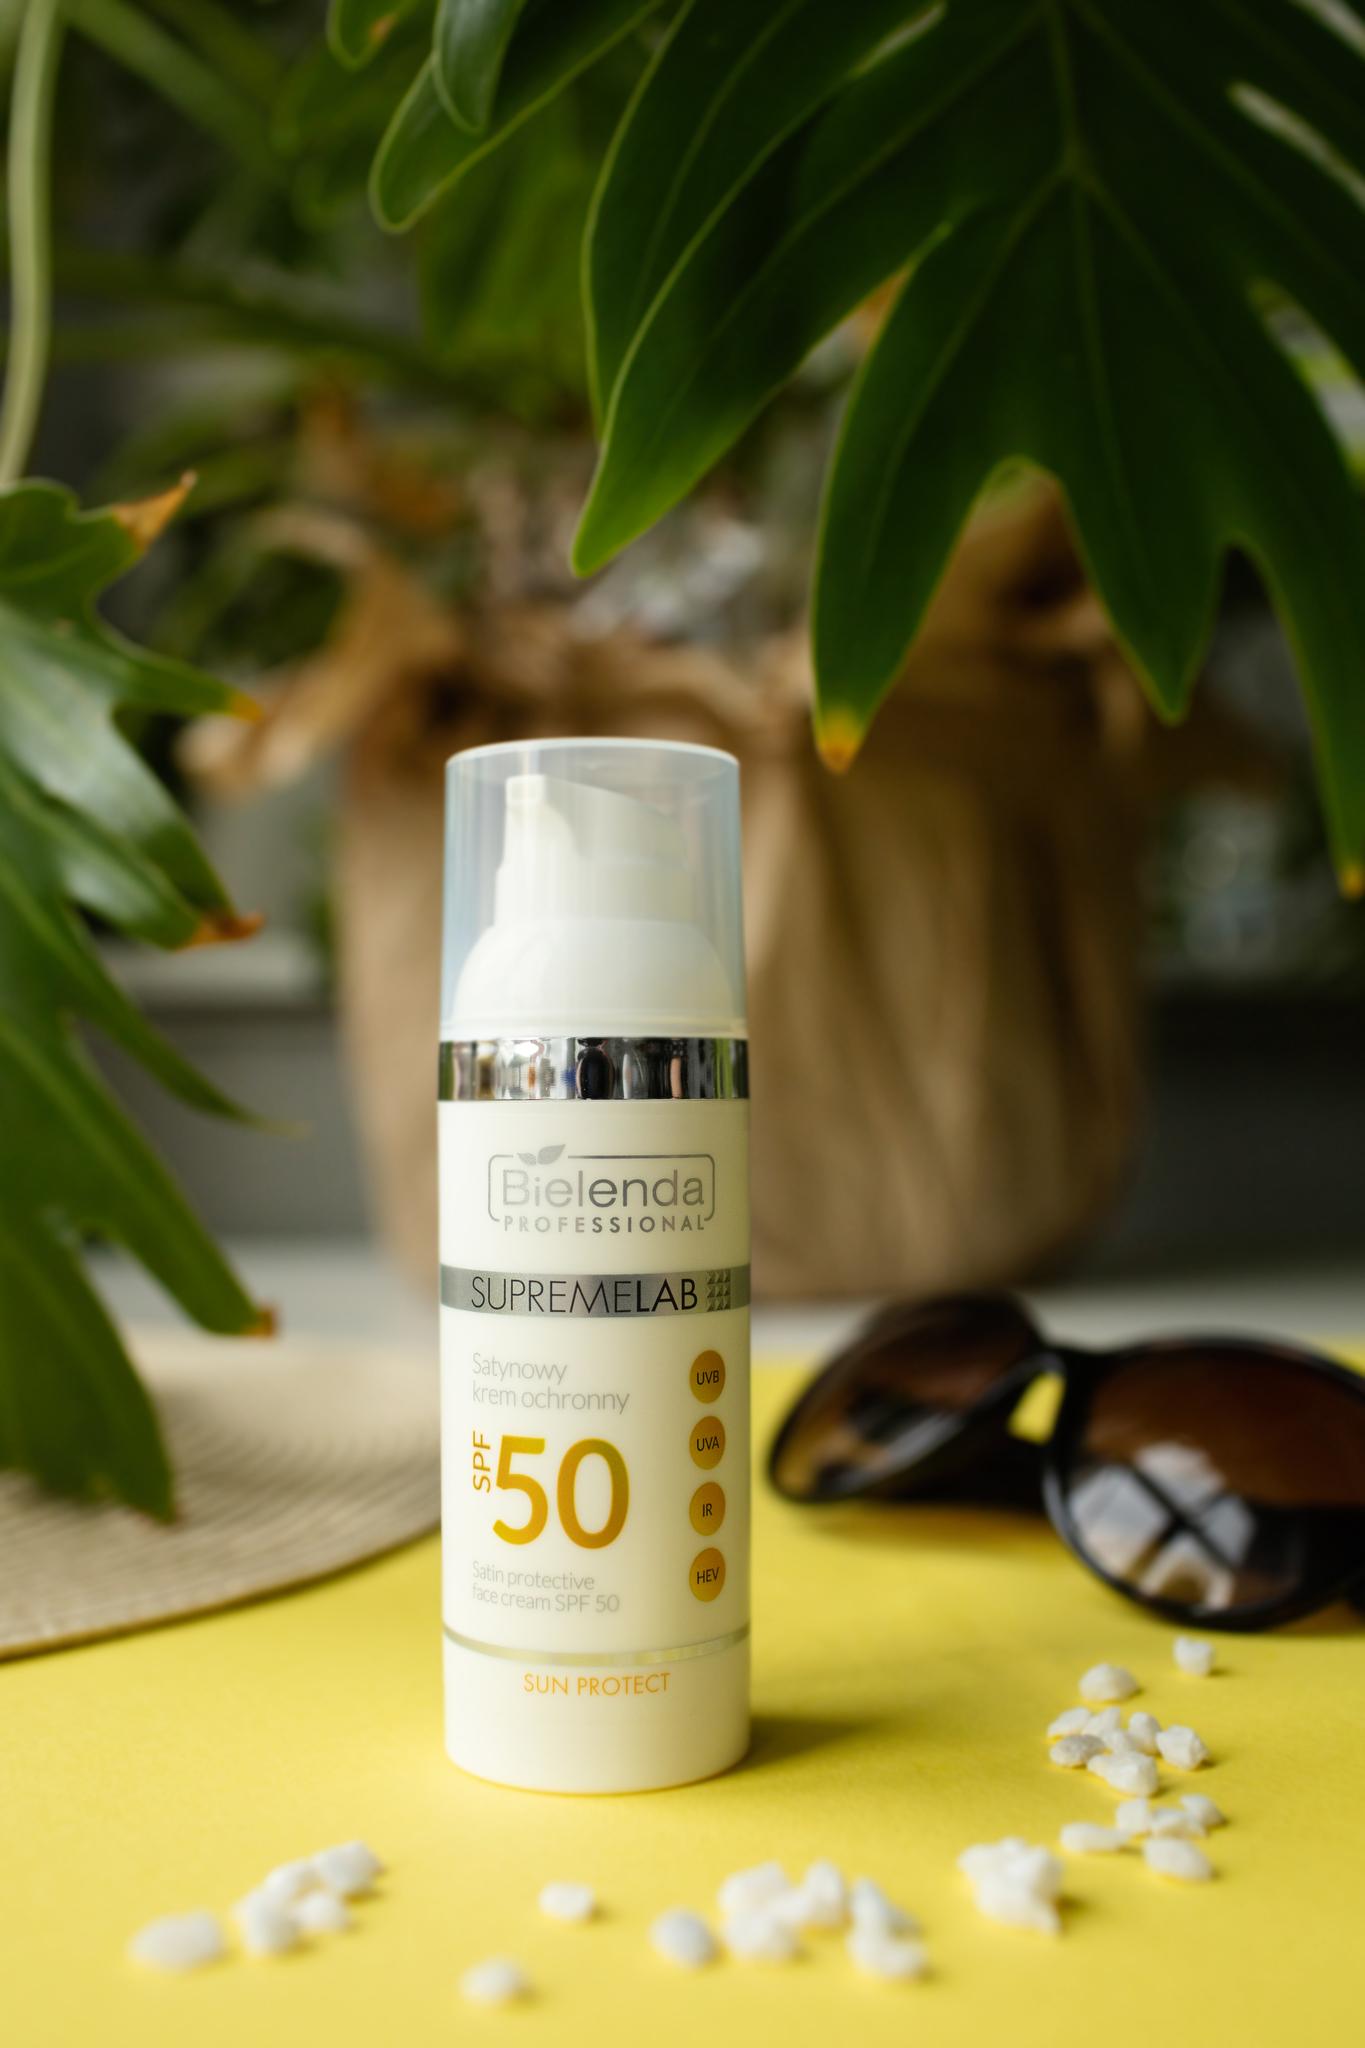 Sun Protect Сатиновый защитный крем для лица SPF 50, 50 мл